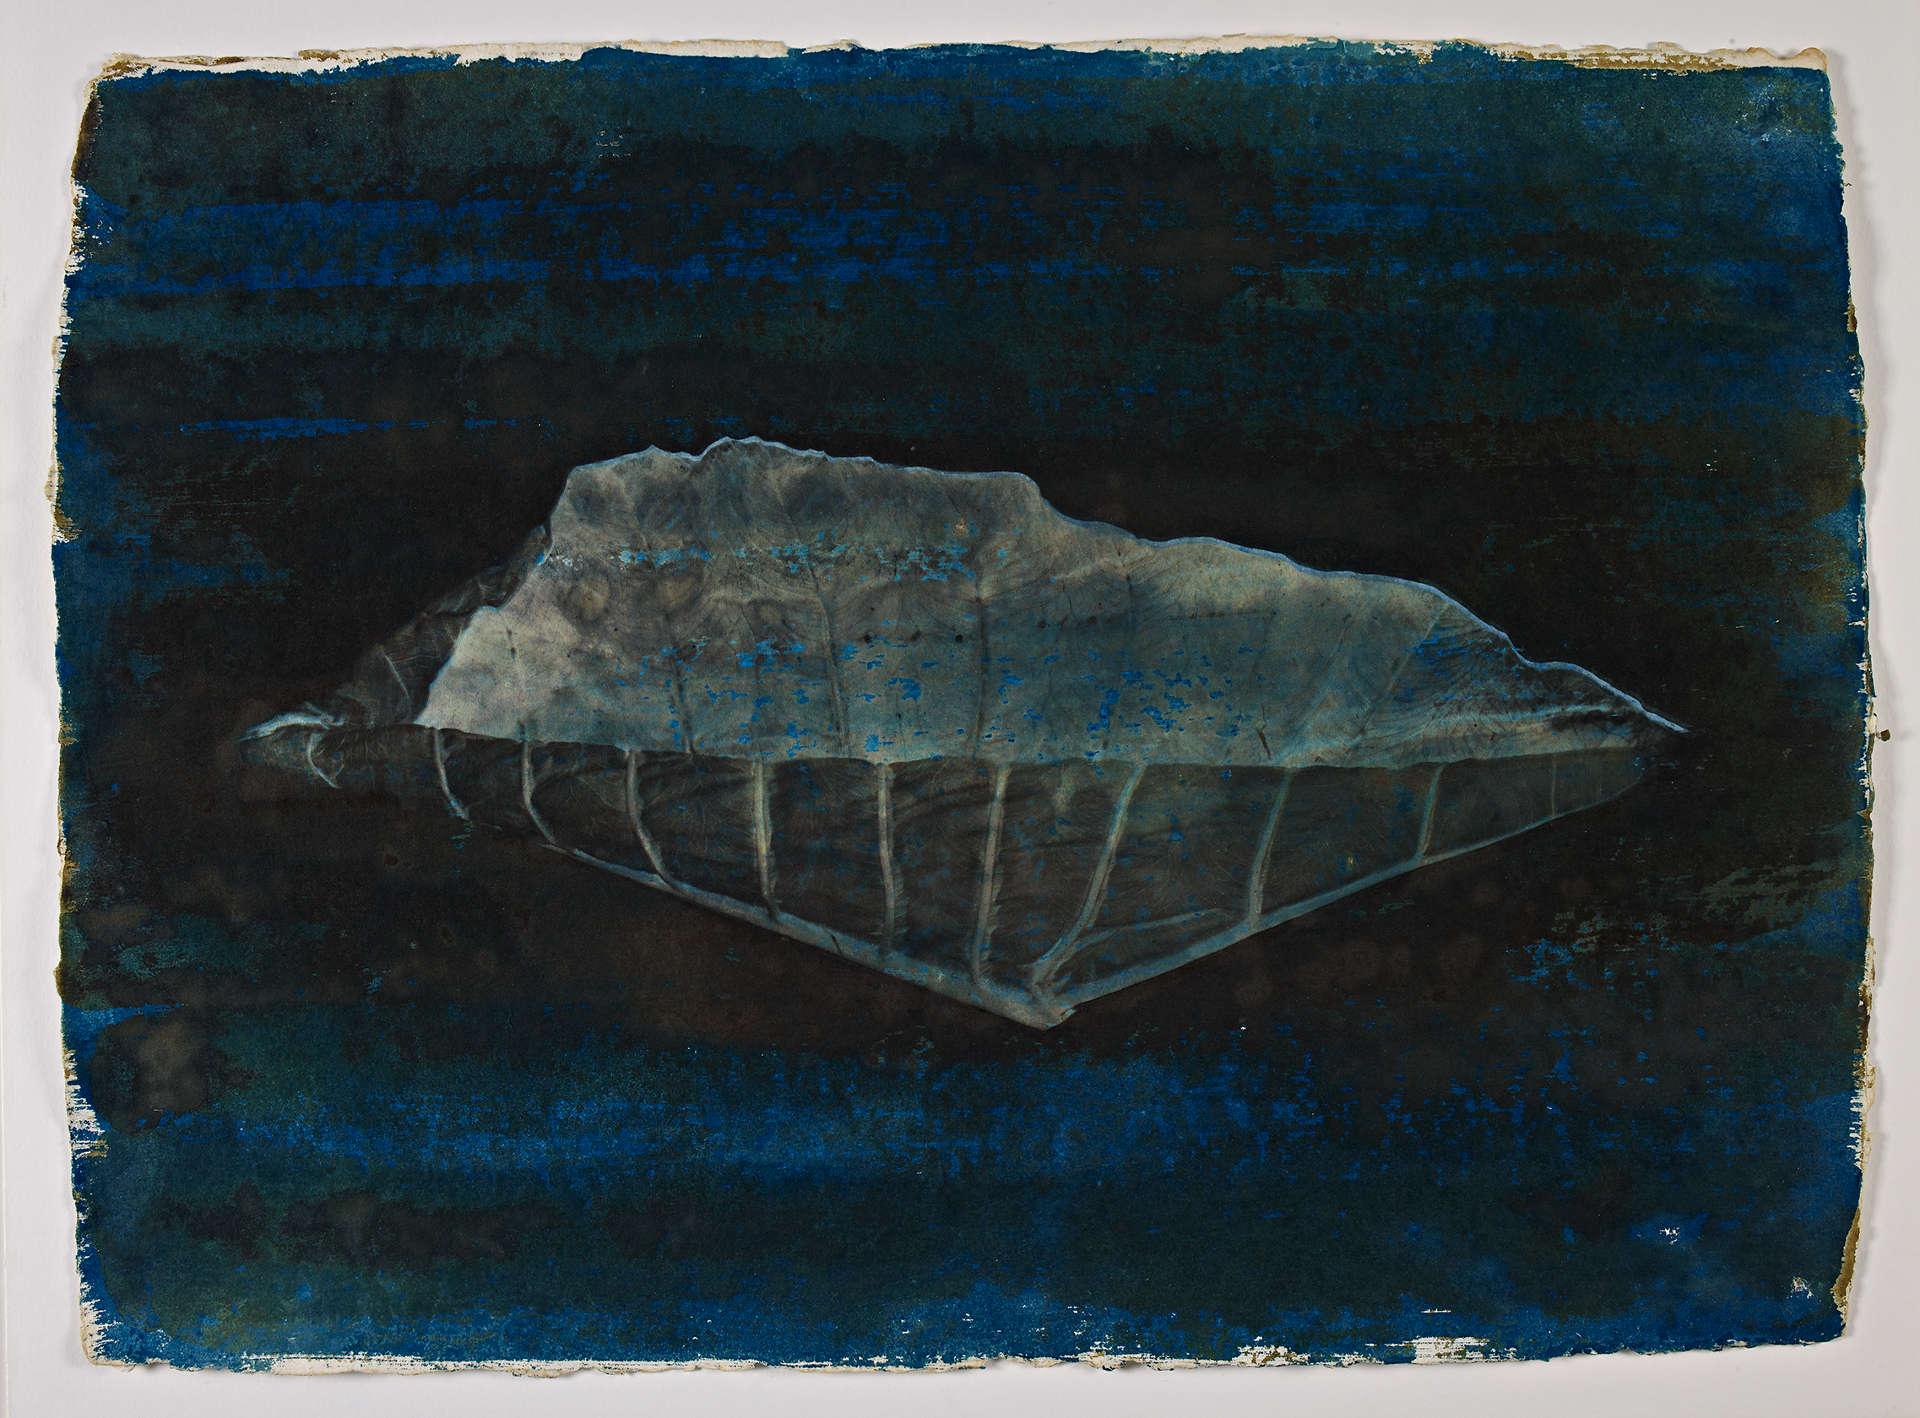 Série Orelha de elefante, 1996. ©️Kenji Ota